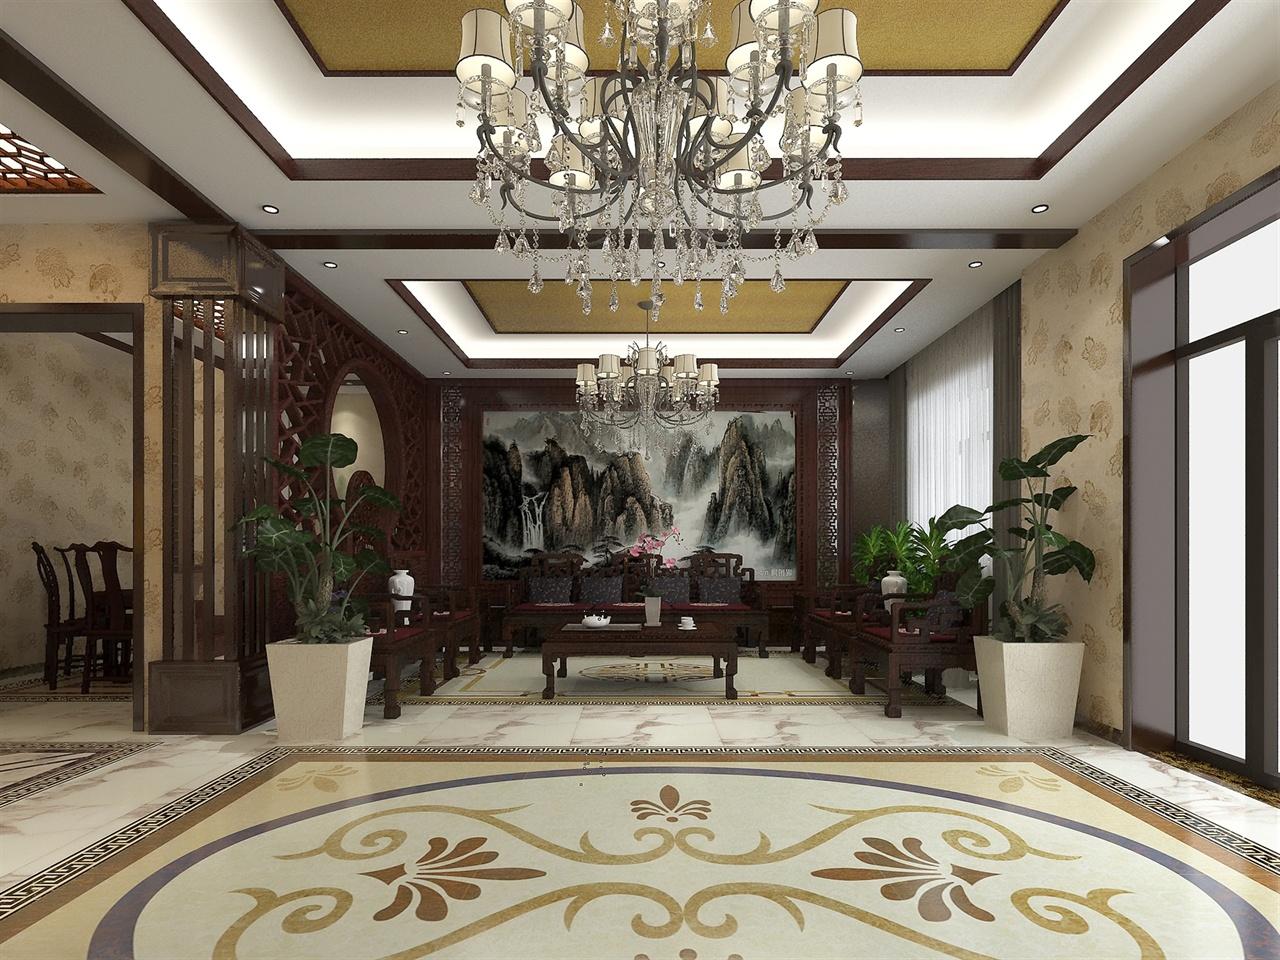 中式别墅室内装修图